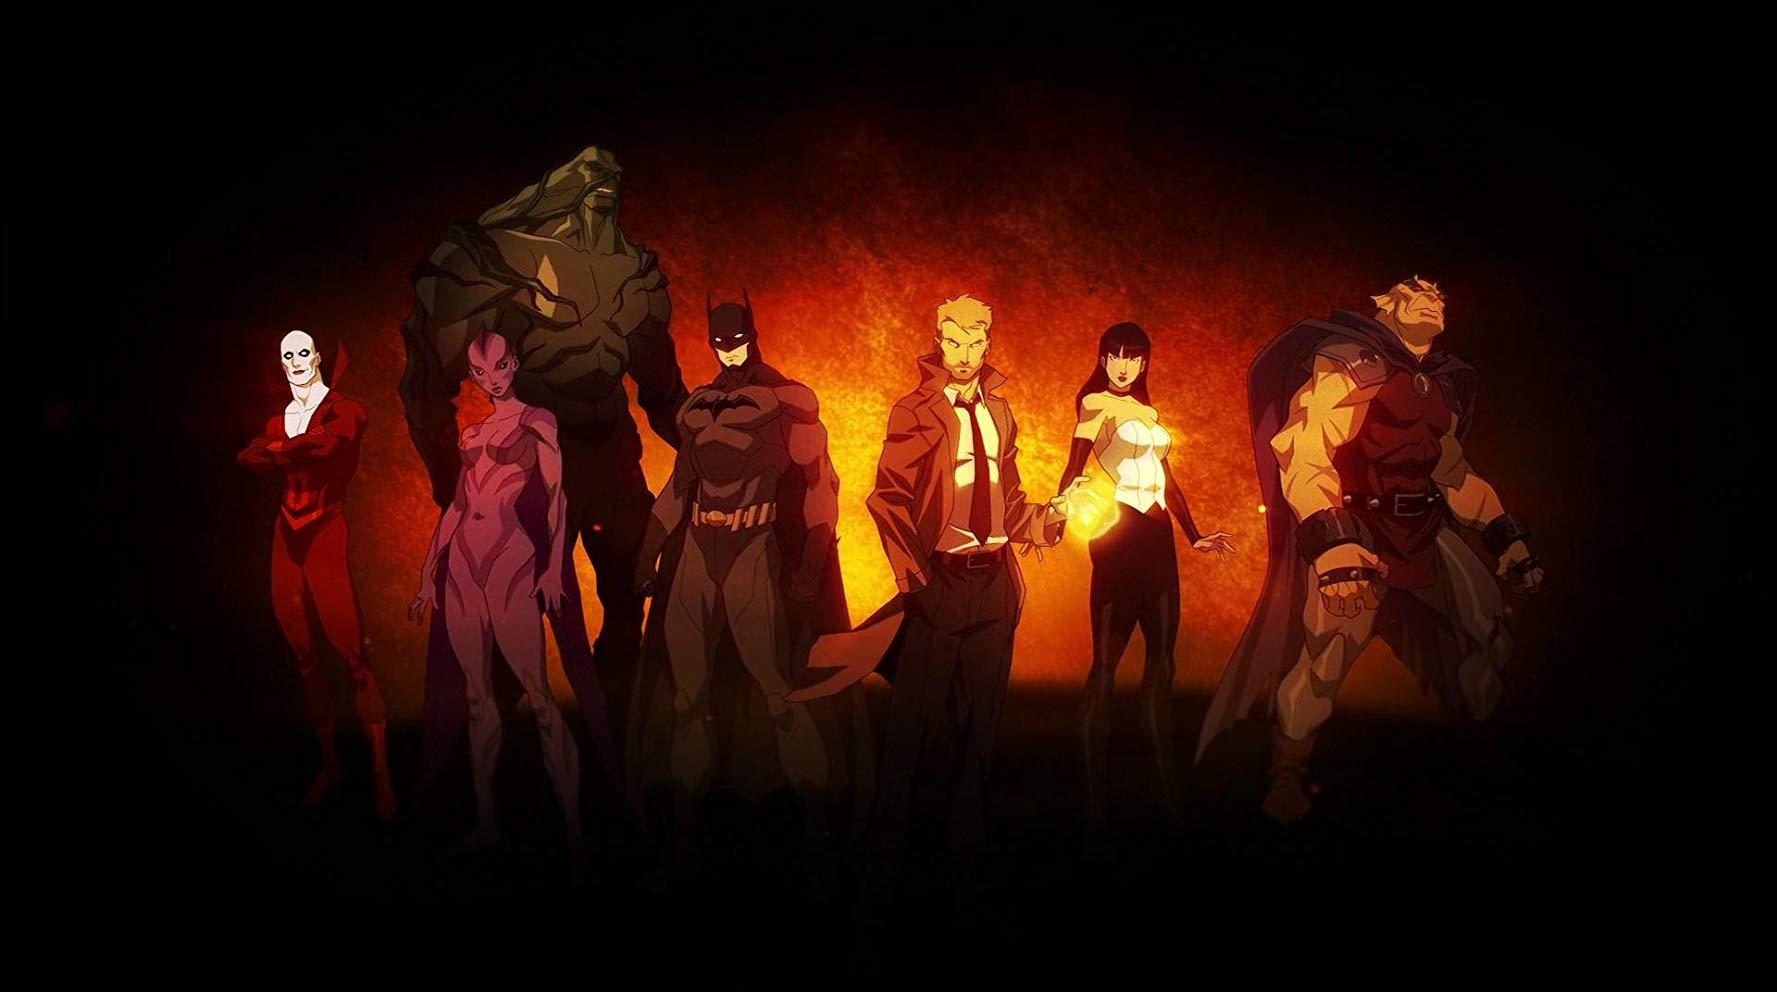 Liga da Justiça Sombria: filme e série estão em desenvolvimento